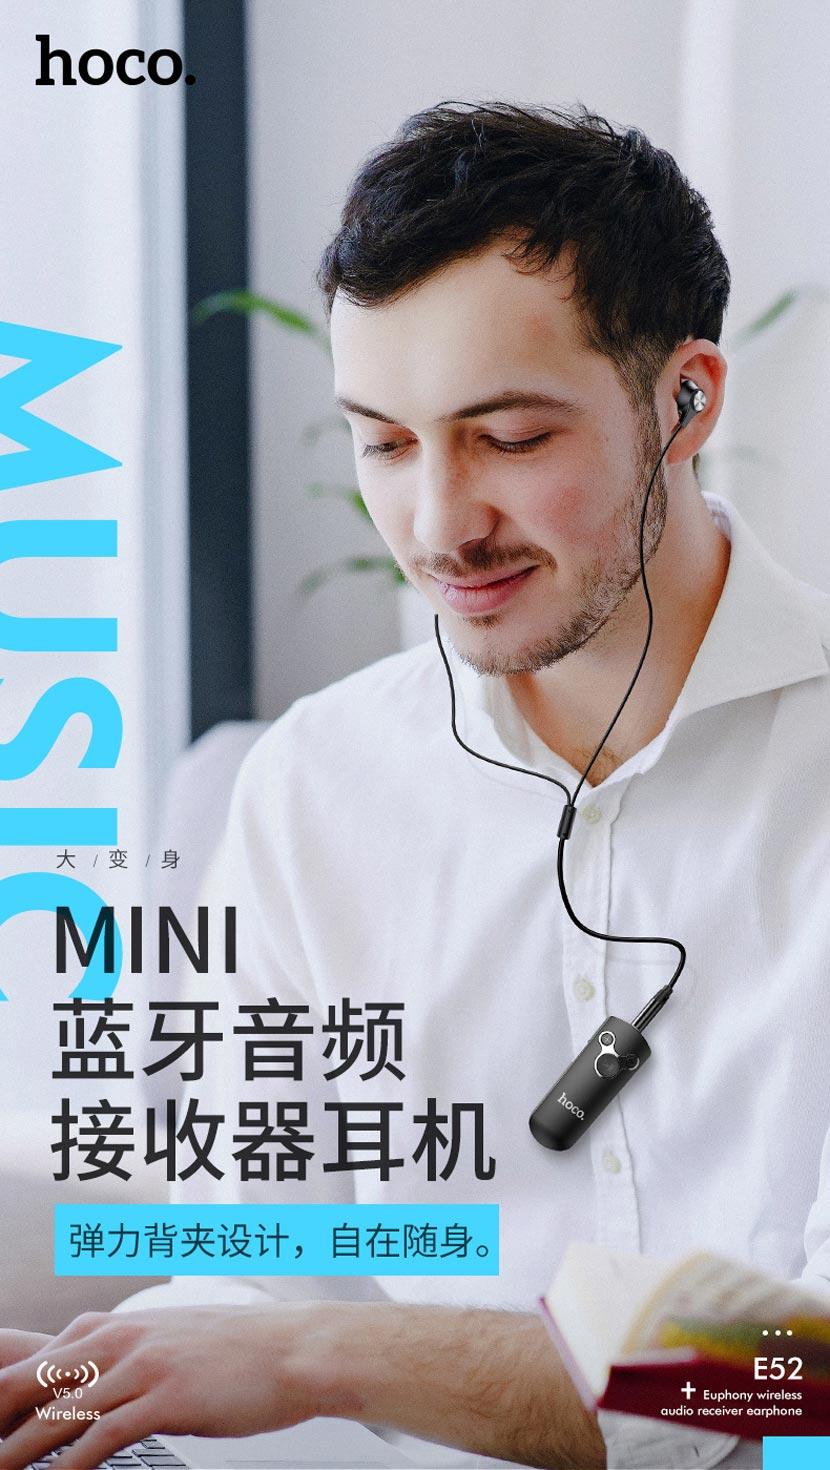 hoco news e52 euphony wireless audio receiver earphones cn